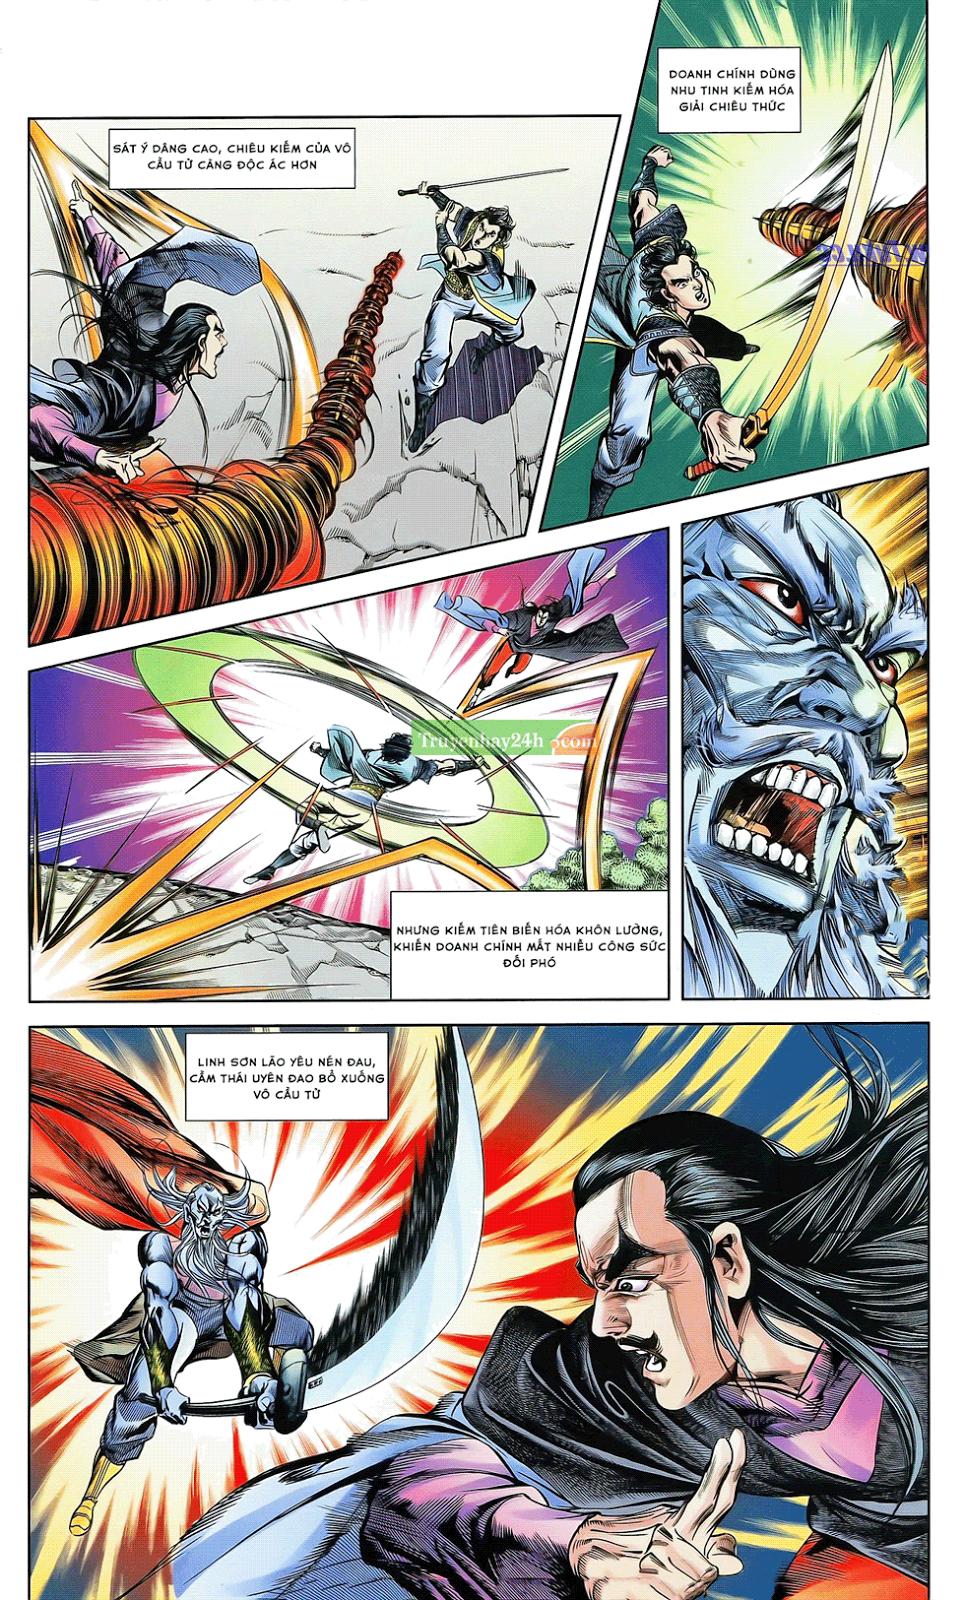 Tần Vương Doanh Chính chapter 21 trang 8